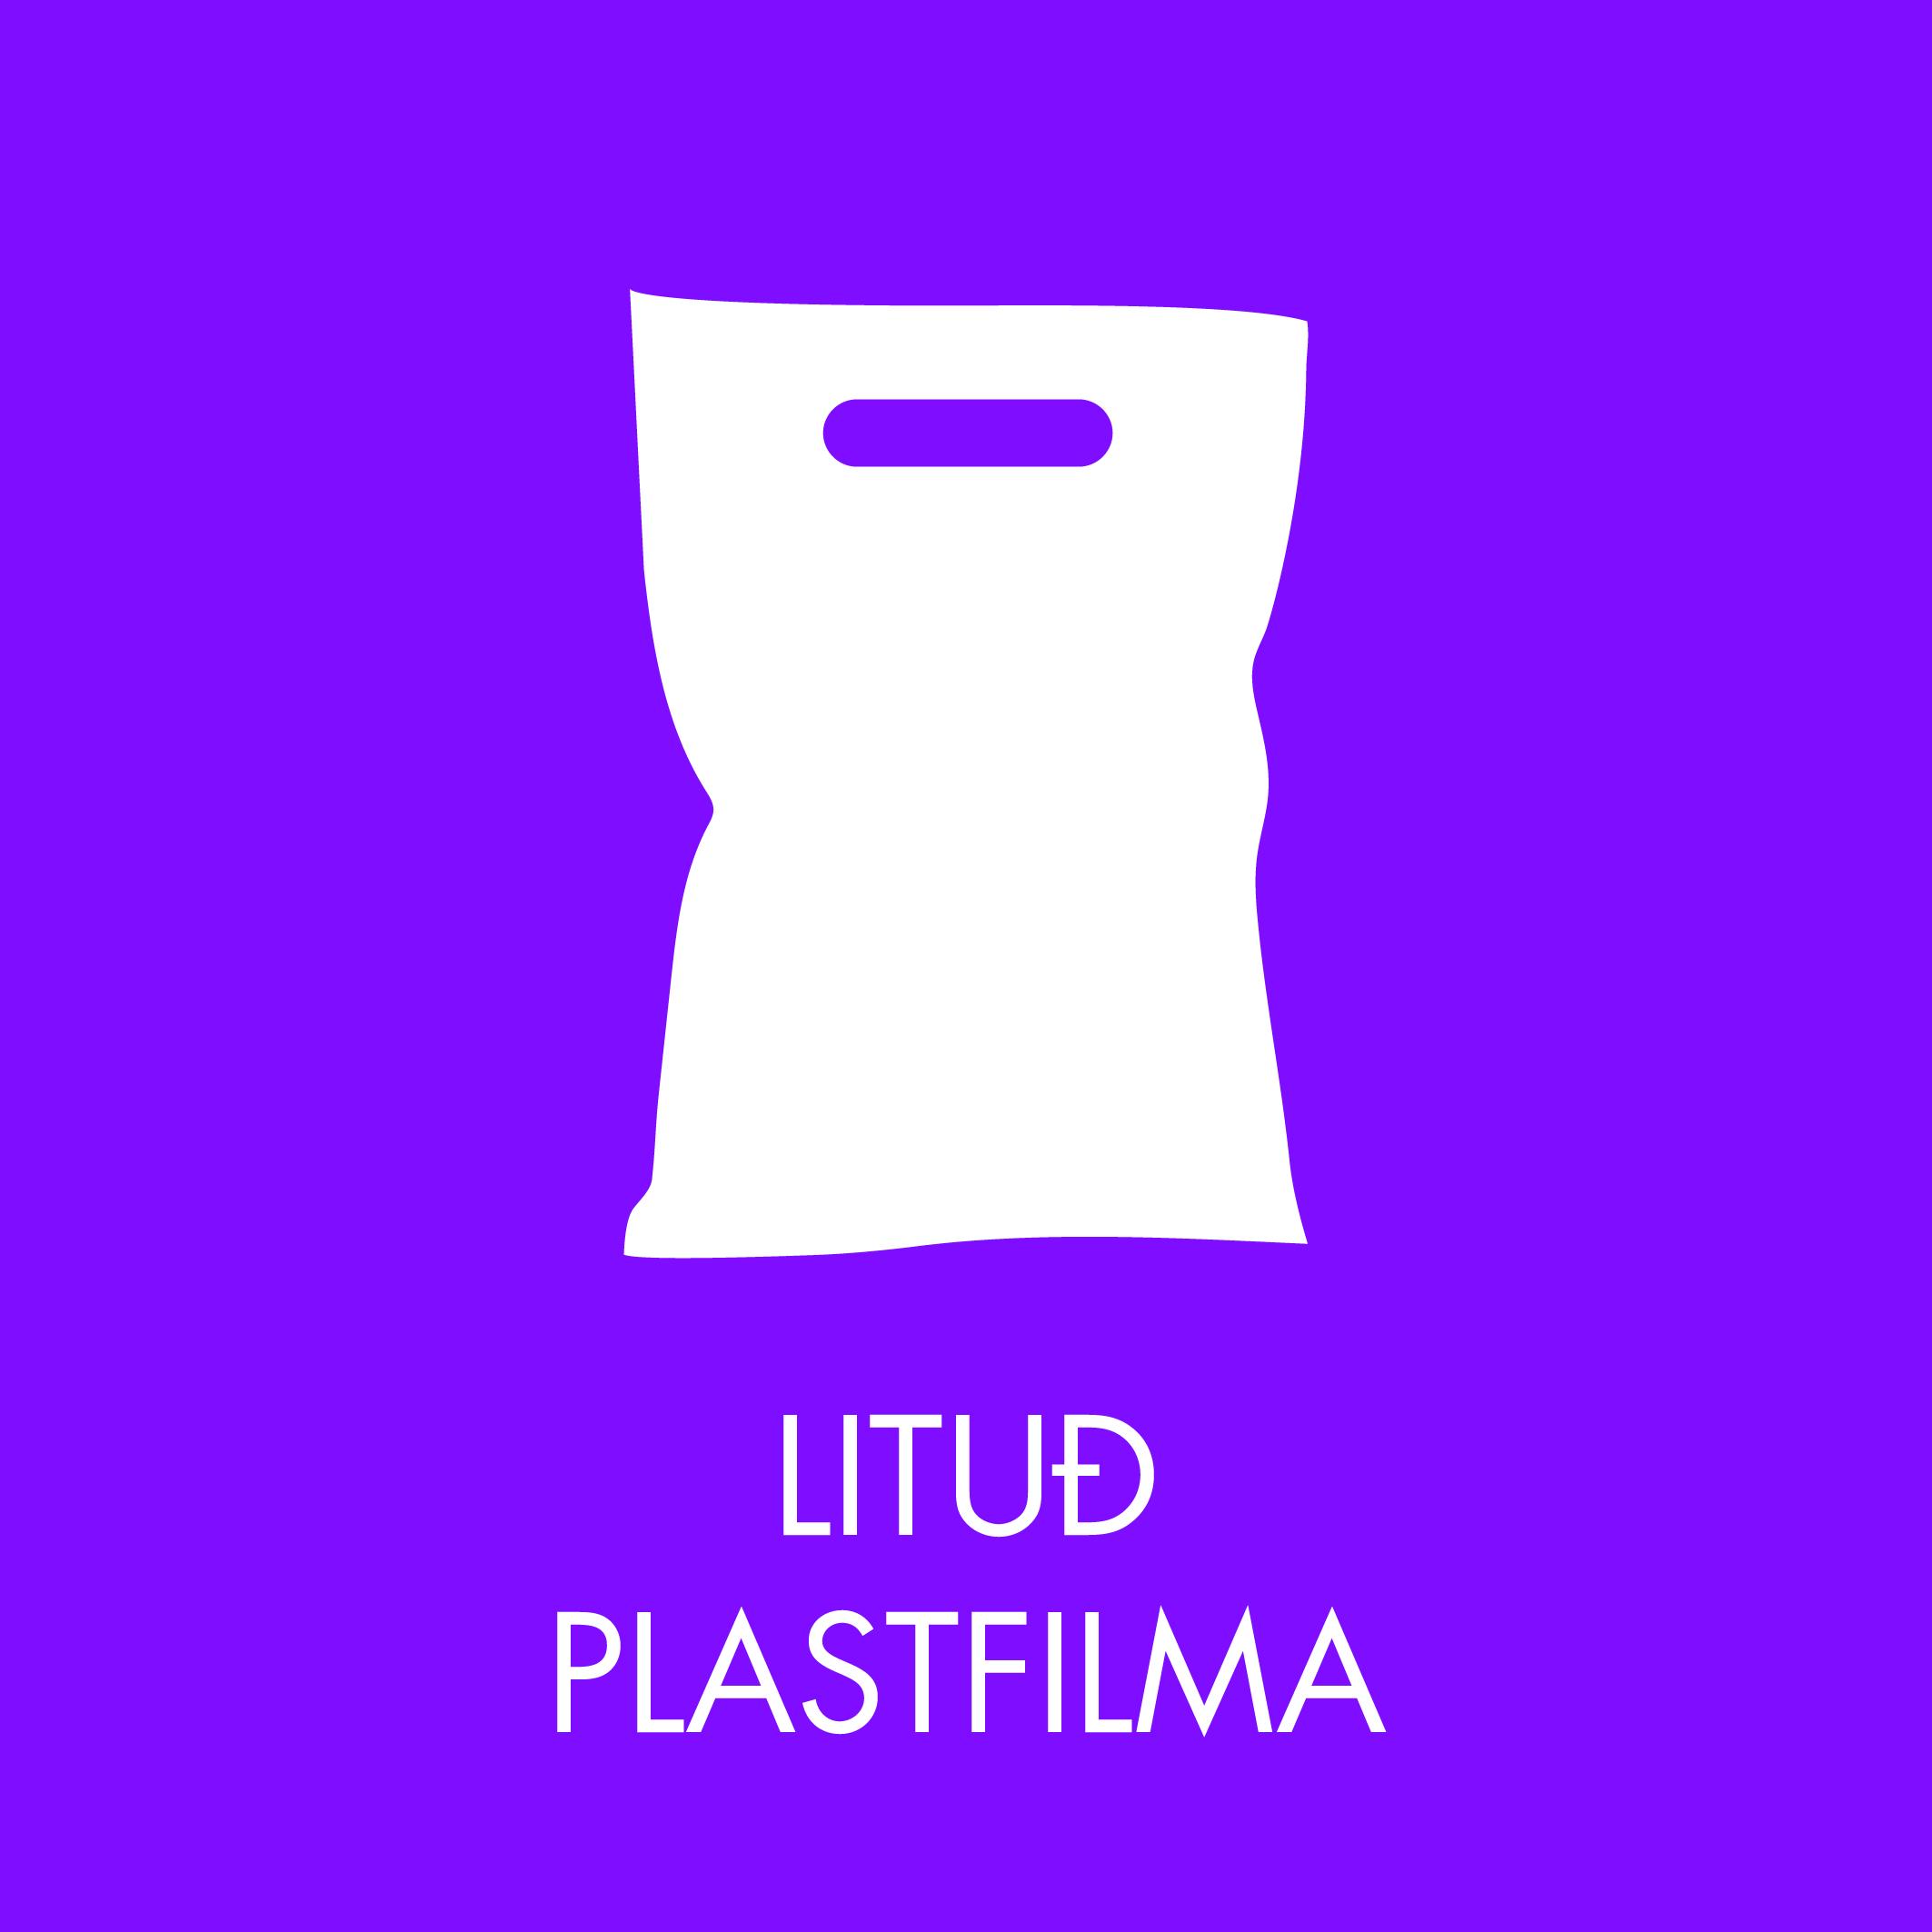 Lituð plastfilma